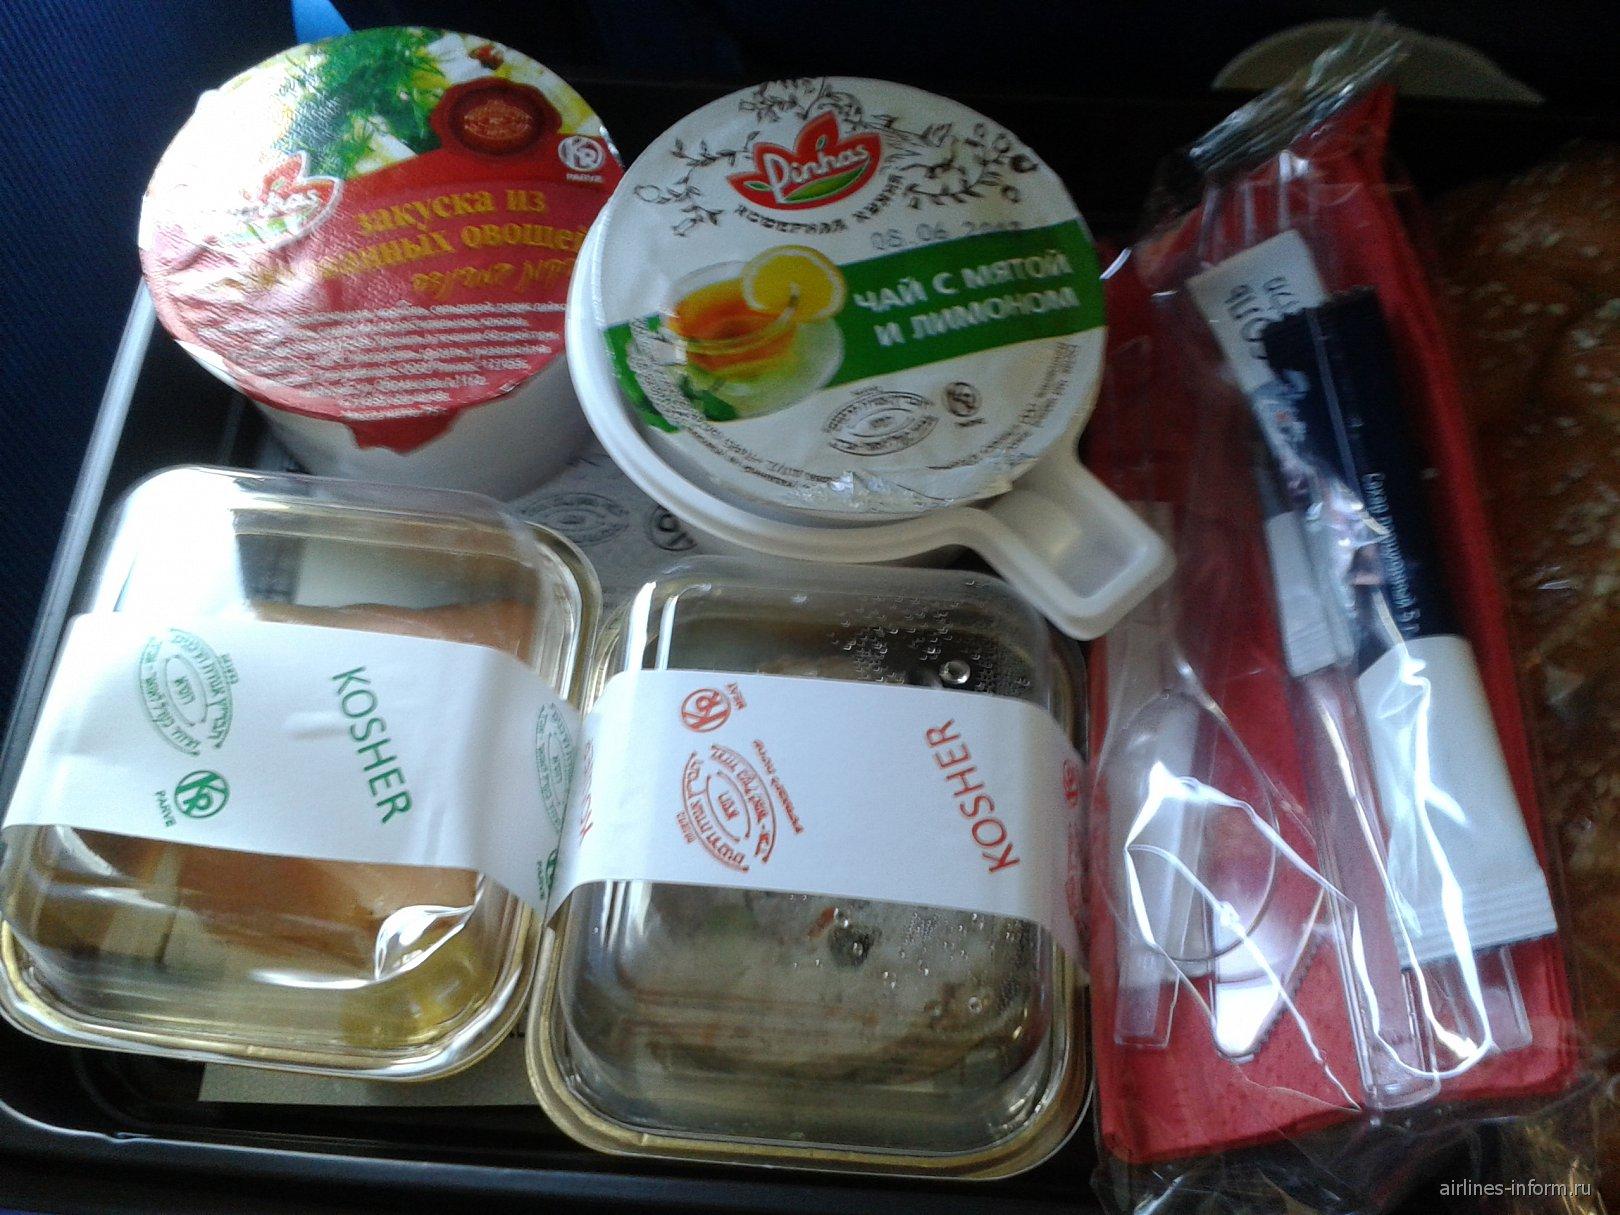 Питание бизнес-класса на рейсе авиакомпании Аэрофлот Владивосток-Москва